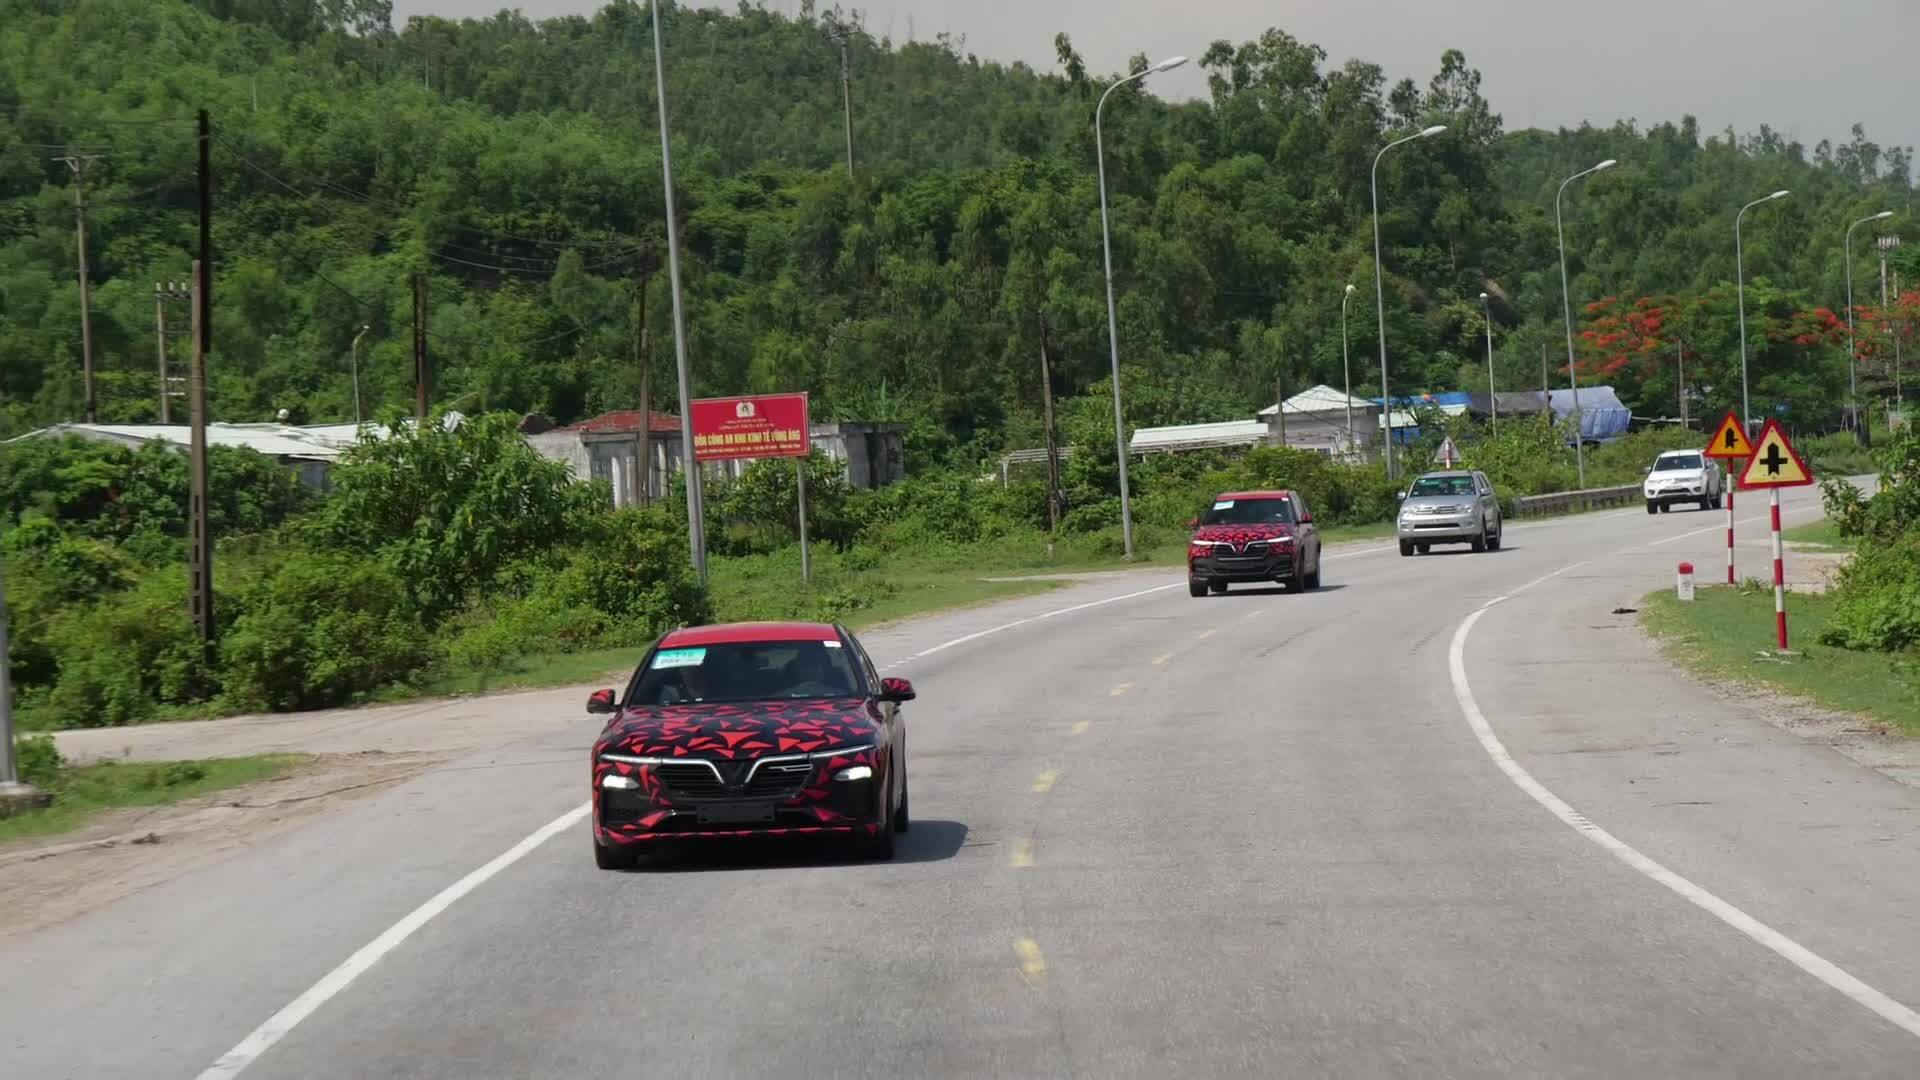 Hành trình xuyên Việt 6.000km của xe VinFastHai chiếc VinFast Lux đi dọc đất nước trong 15 ngày, trả